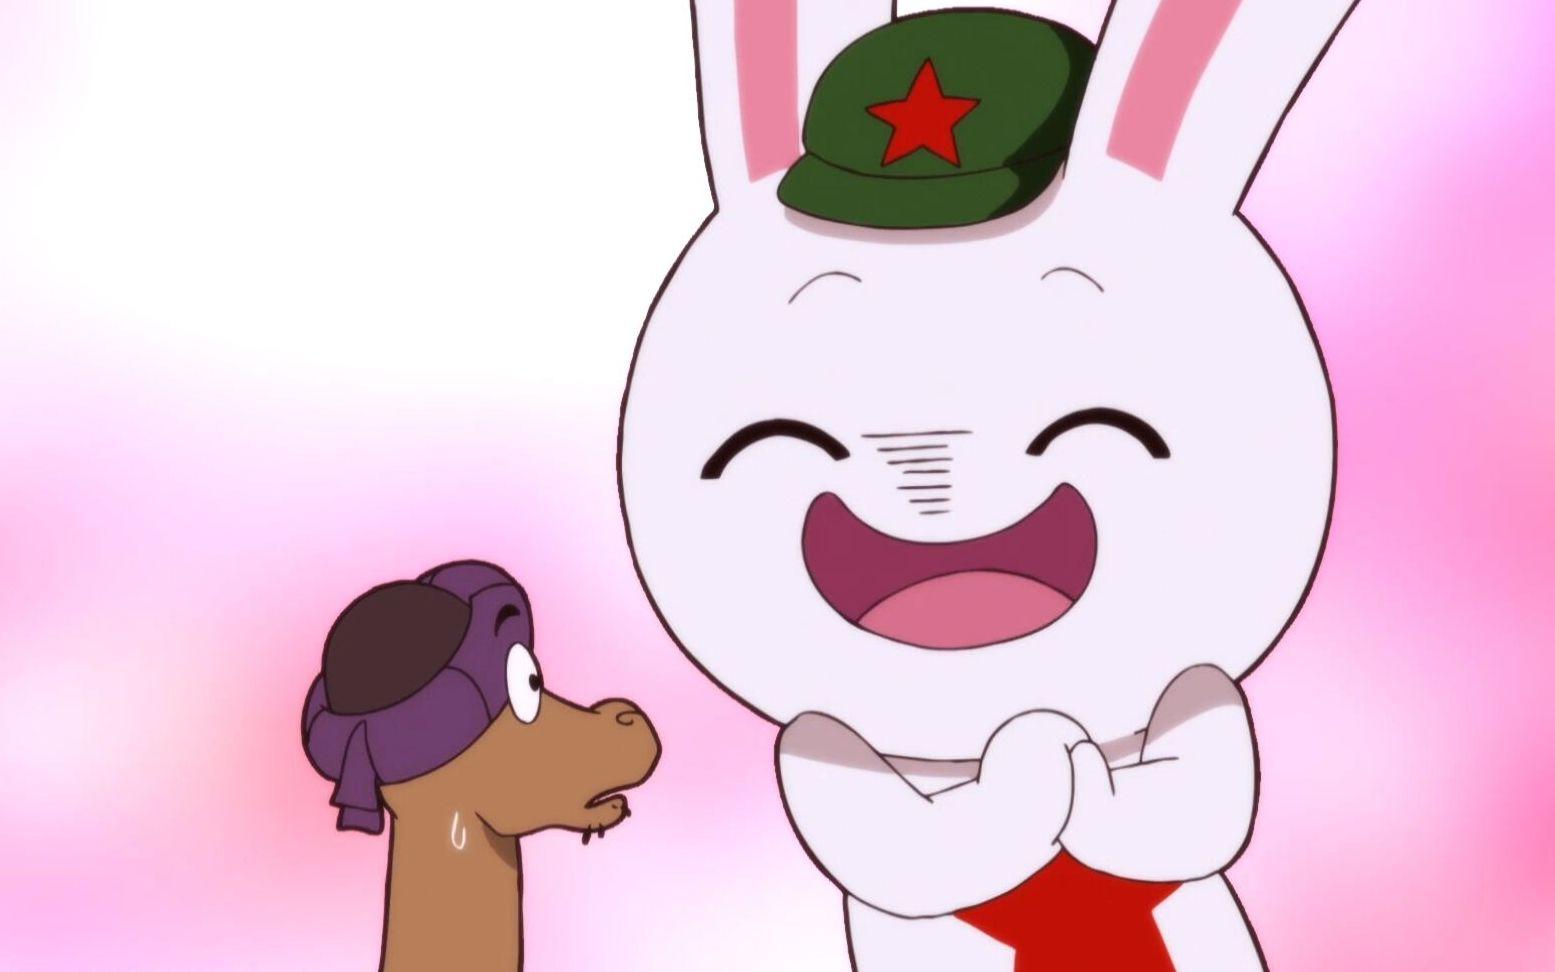 種花家兔子的東西就是好_嗶哩嗶哩 (゜-゜)つロ 干杯~-bilibili